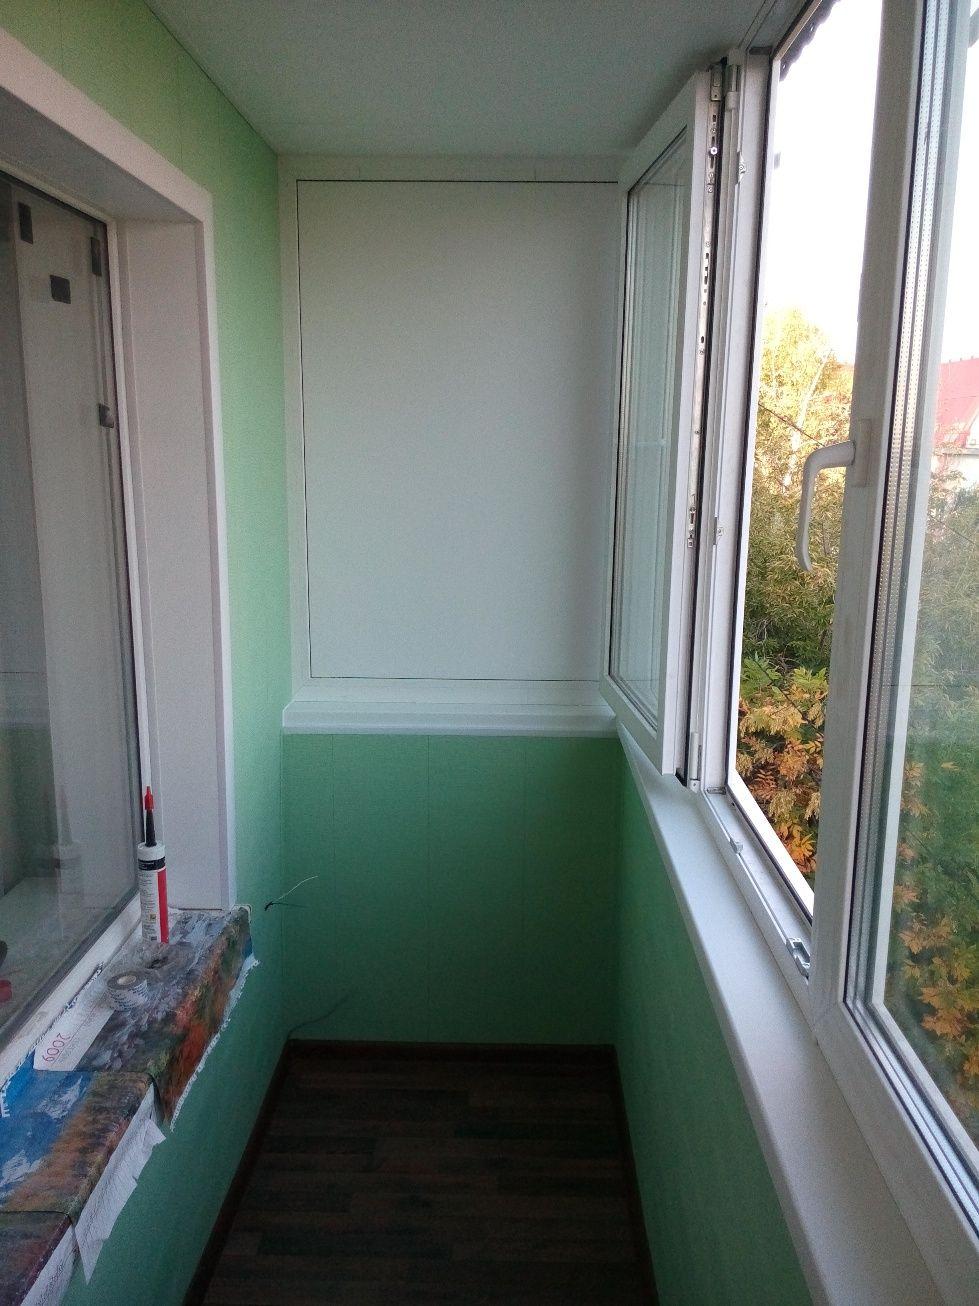 Img_20140908_171634 - балконы - фото объектов - компания кре.